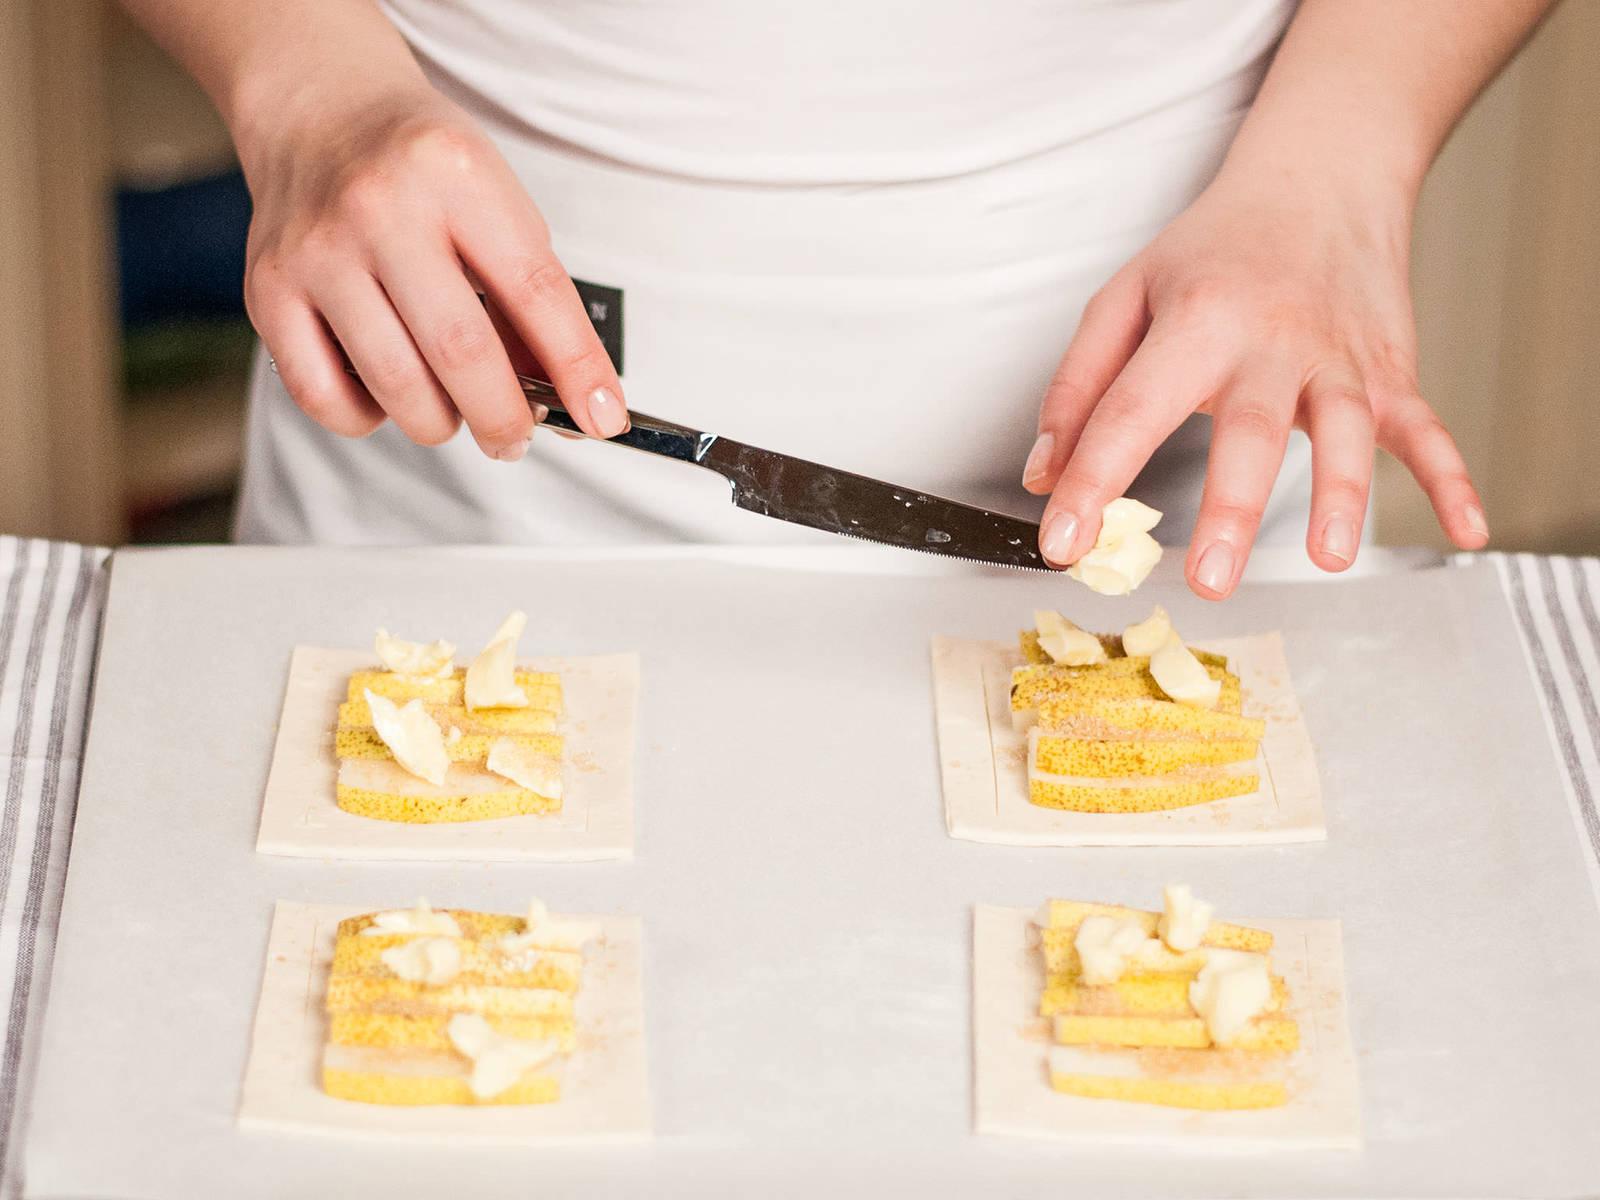 将糖撒在挞上,放上黄油片,放入预热好的烤箱中,以180摄氏度烤20分钟左右,至金黄色。